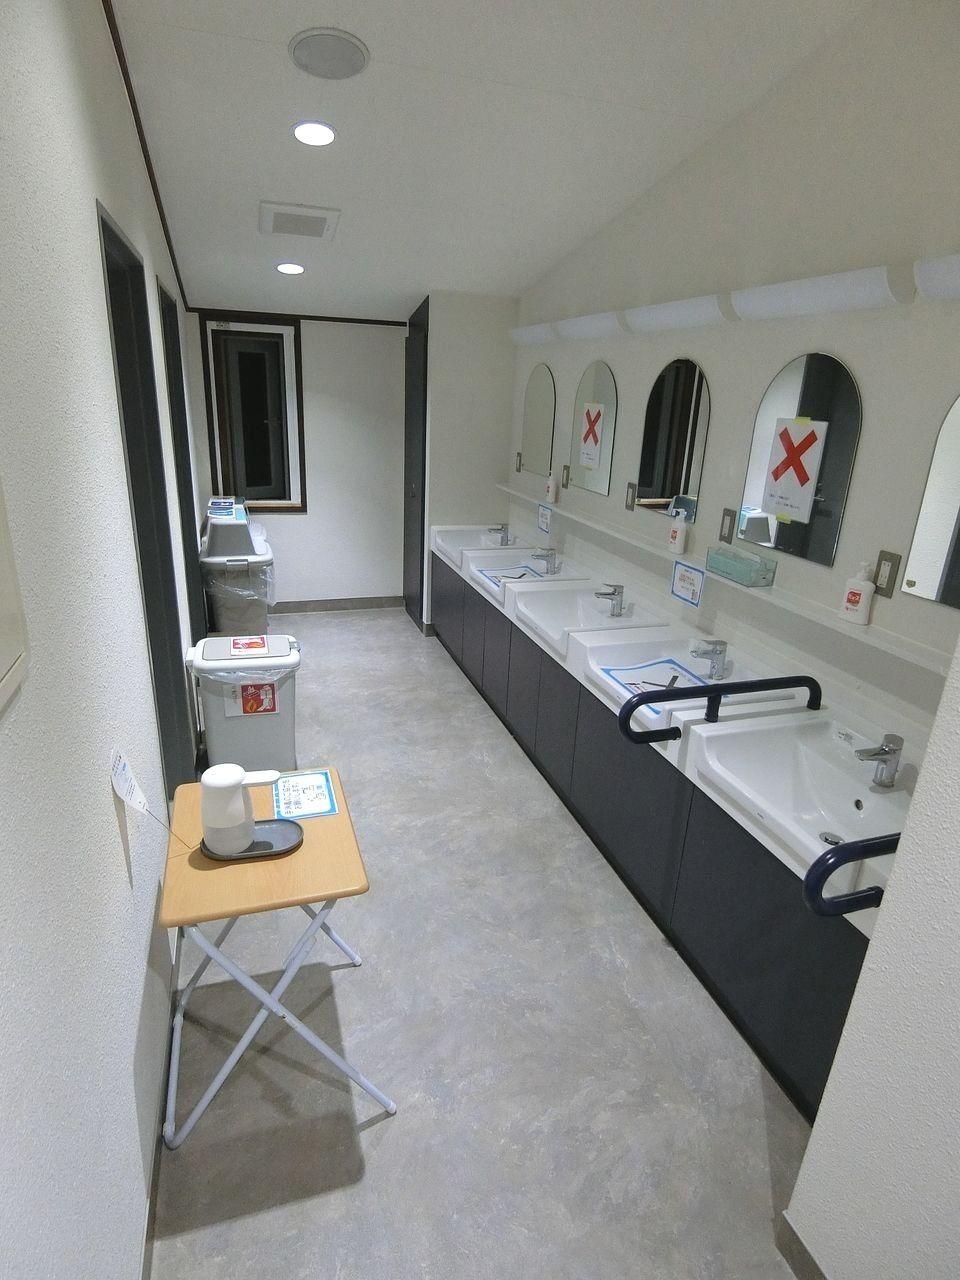 板橋区立八ヶ岳荘の共同洗面所